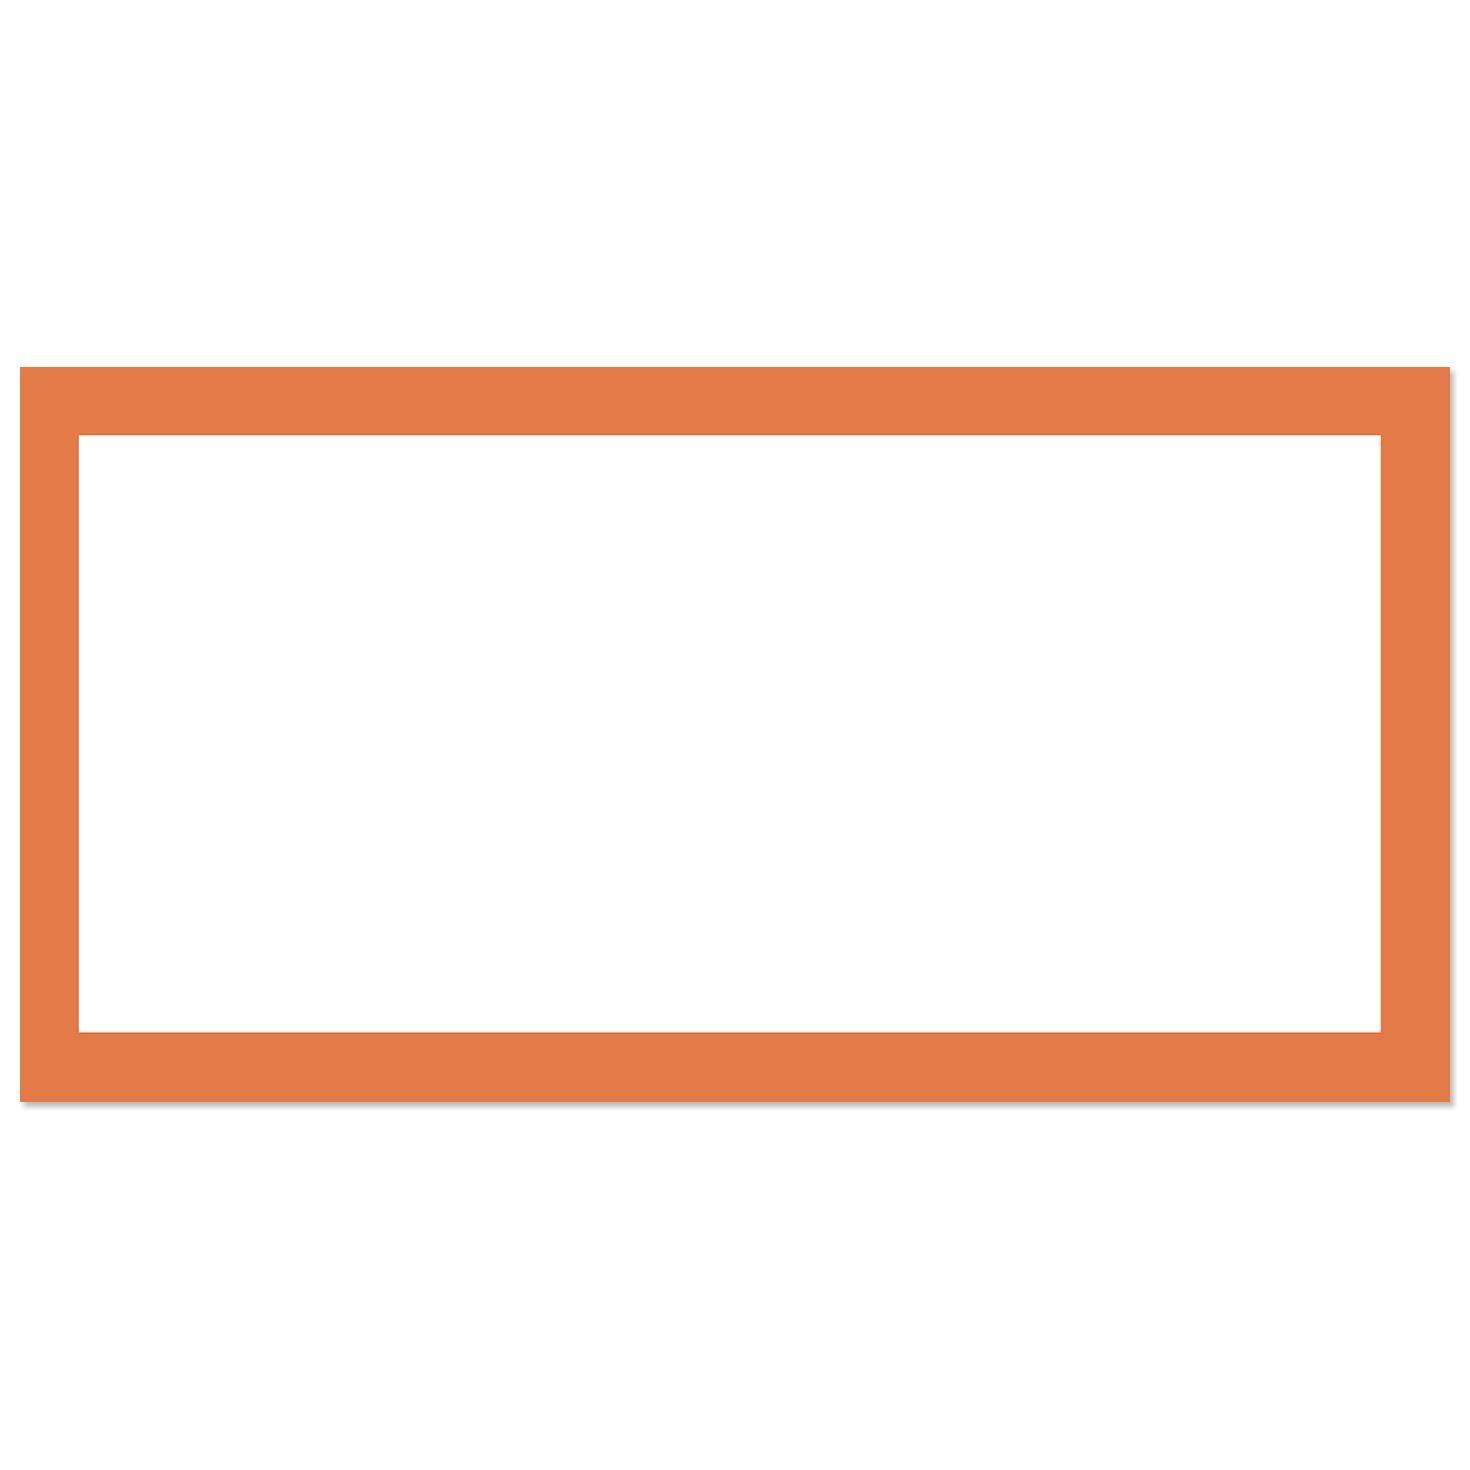 1470x1470 Cincinnati Skyline And Icons Blank Card